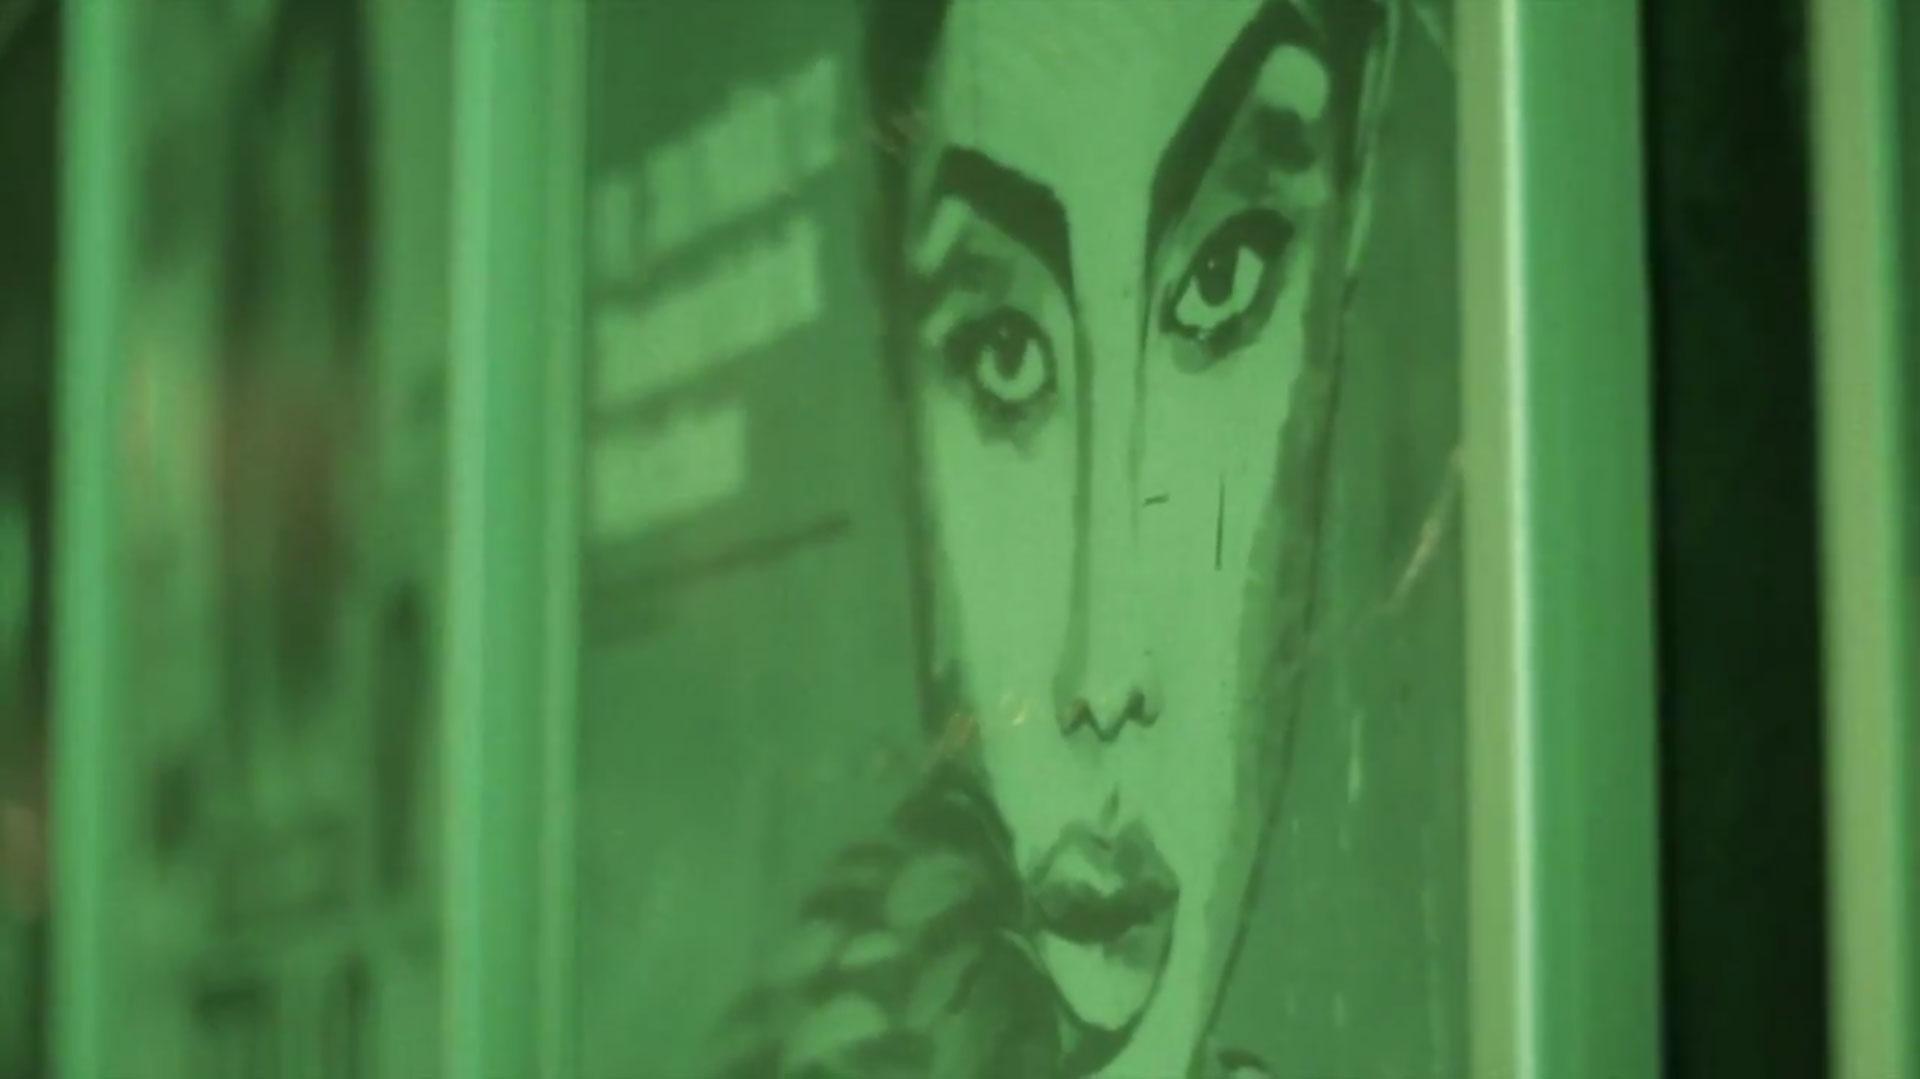 Bildschirmfoto-princess1